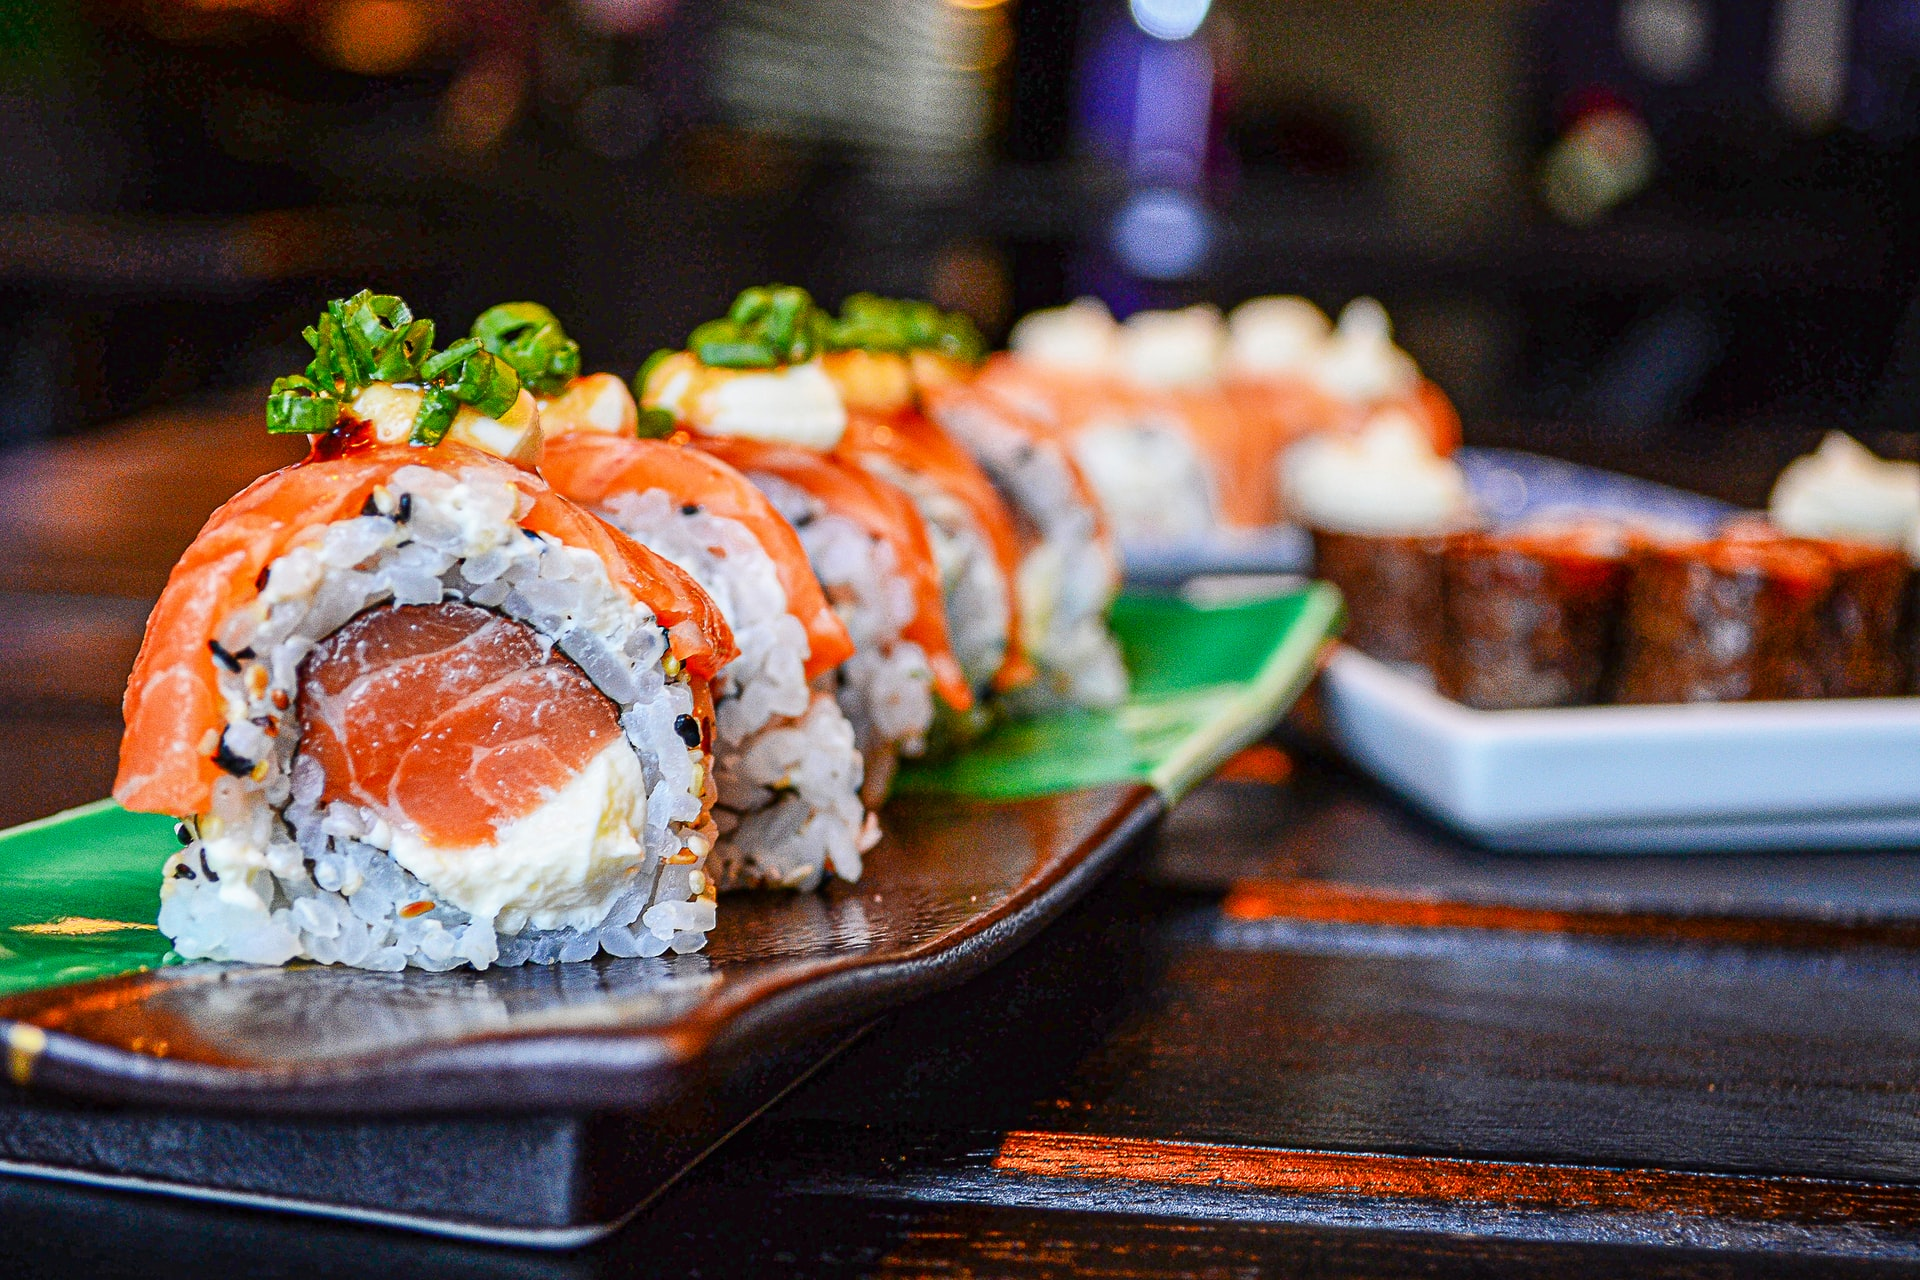 Sushi slices